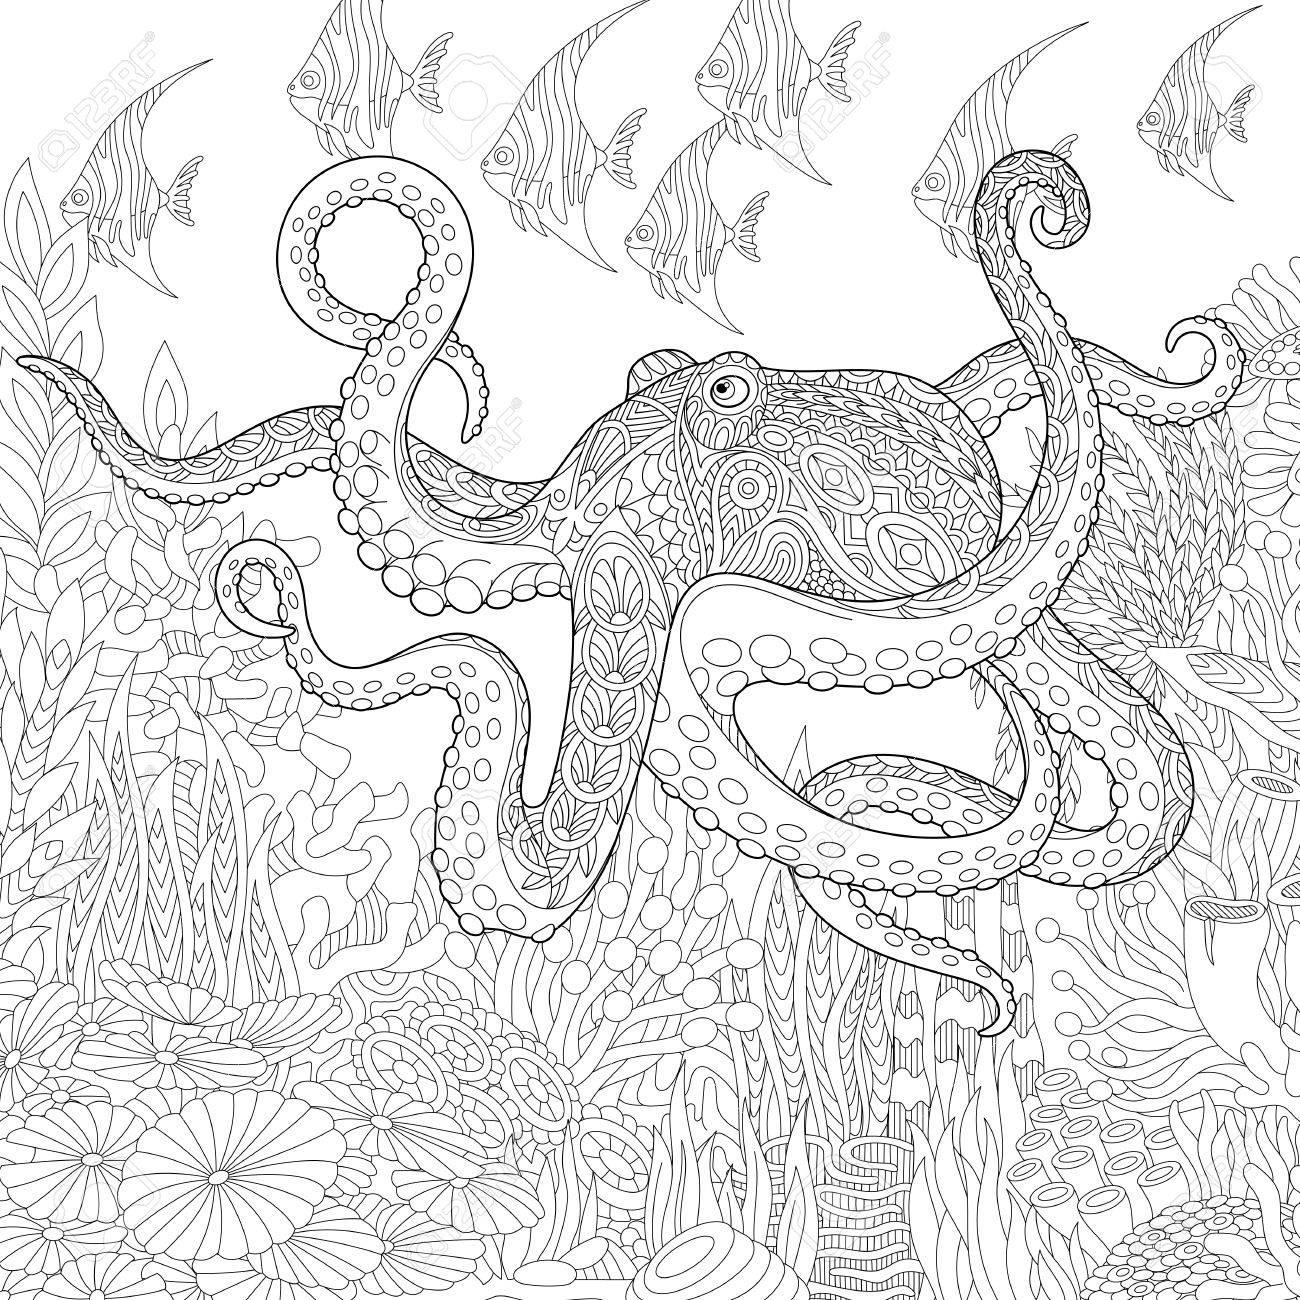 Composición Estilizada De Pulpo Gigante, Peces Tropicales, Corales Y ...